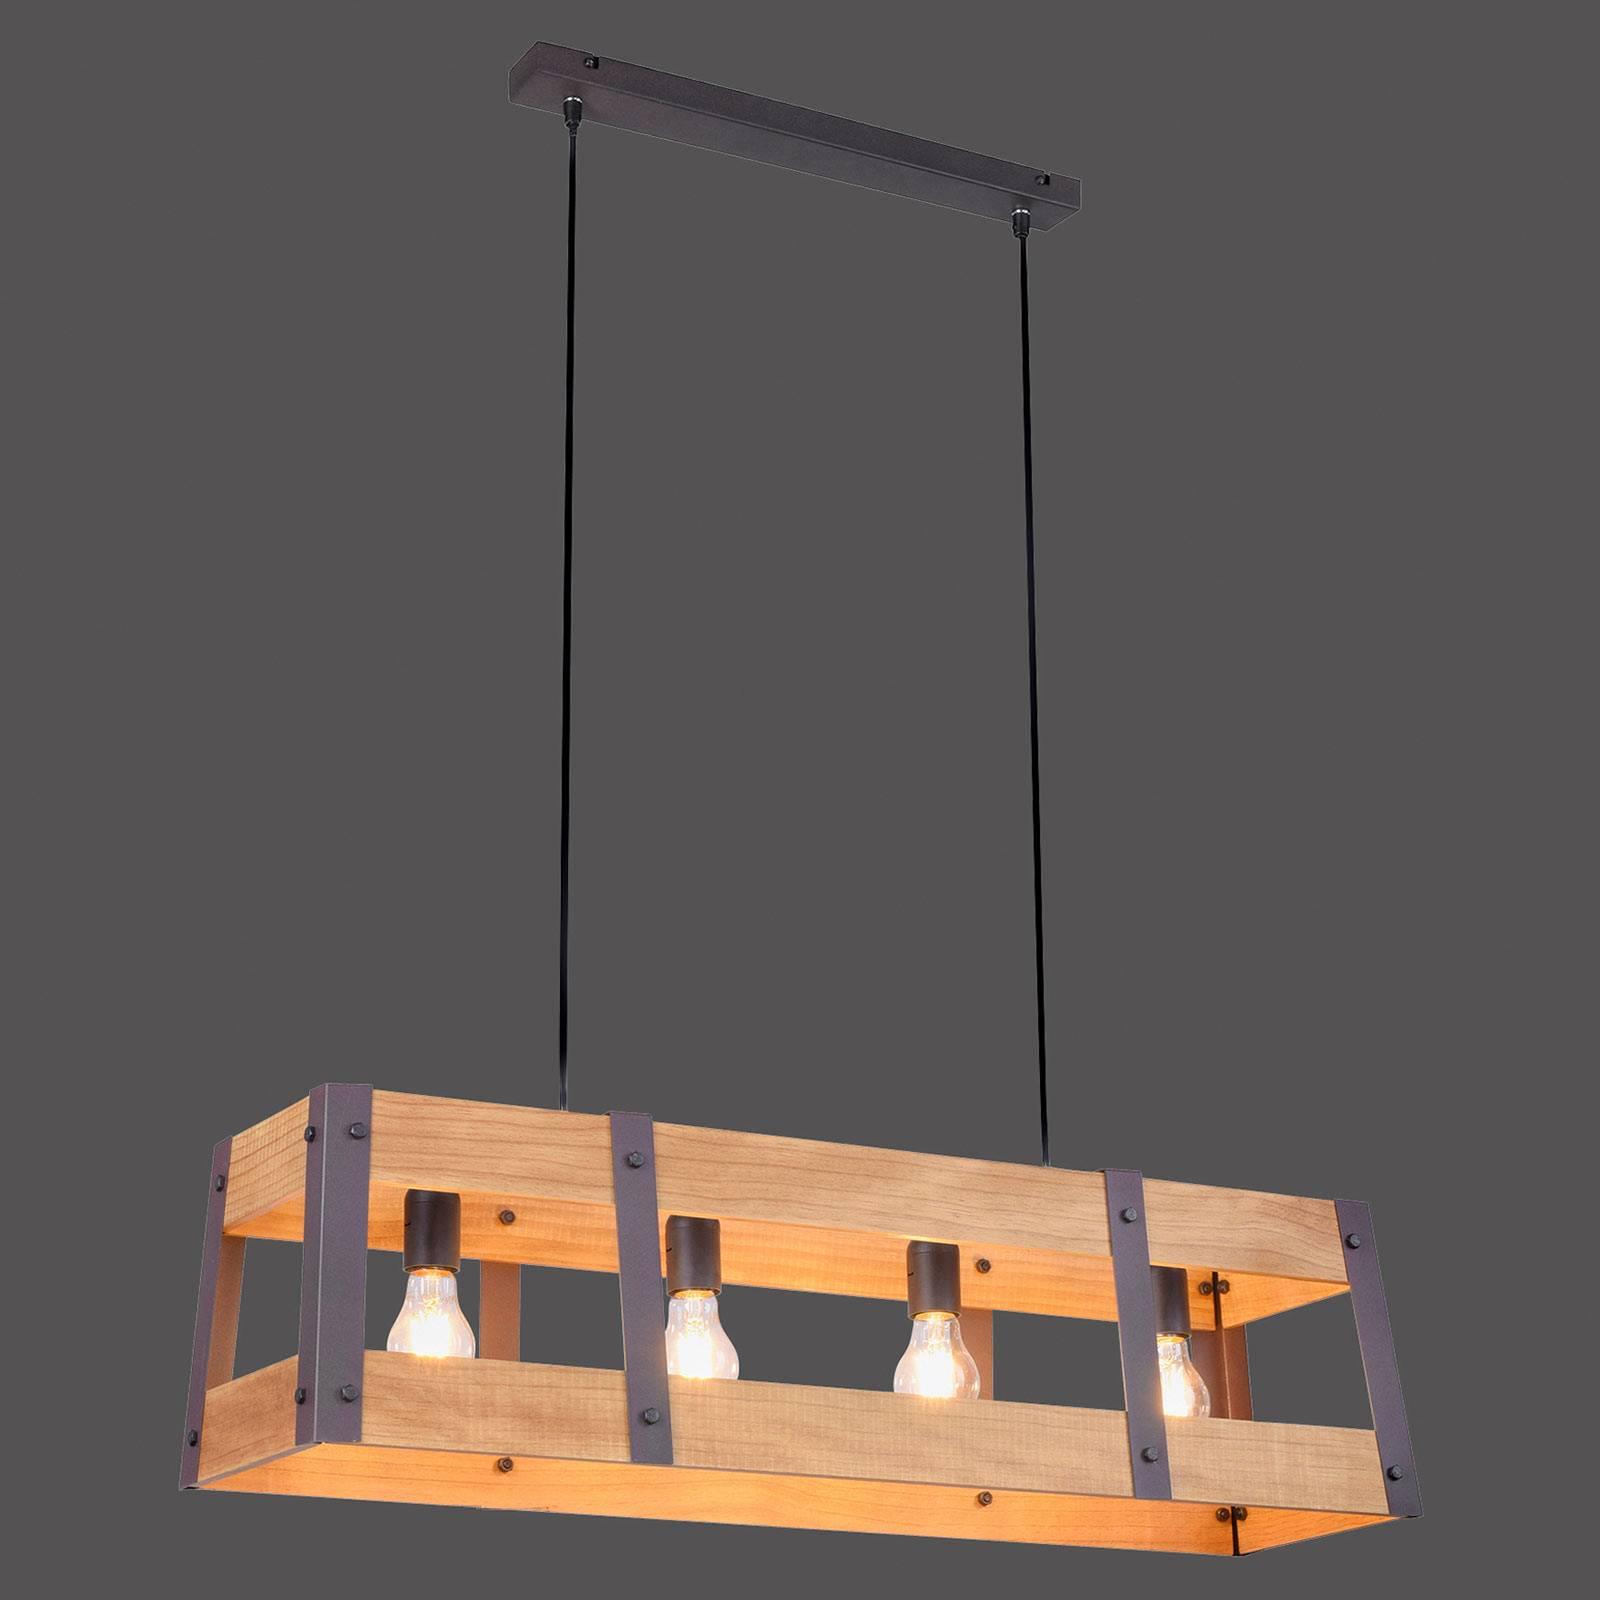 Lampa wisząca Crate z drewna, 4-punktowa